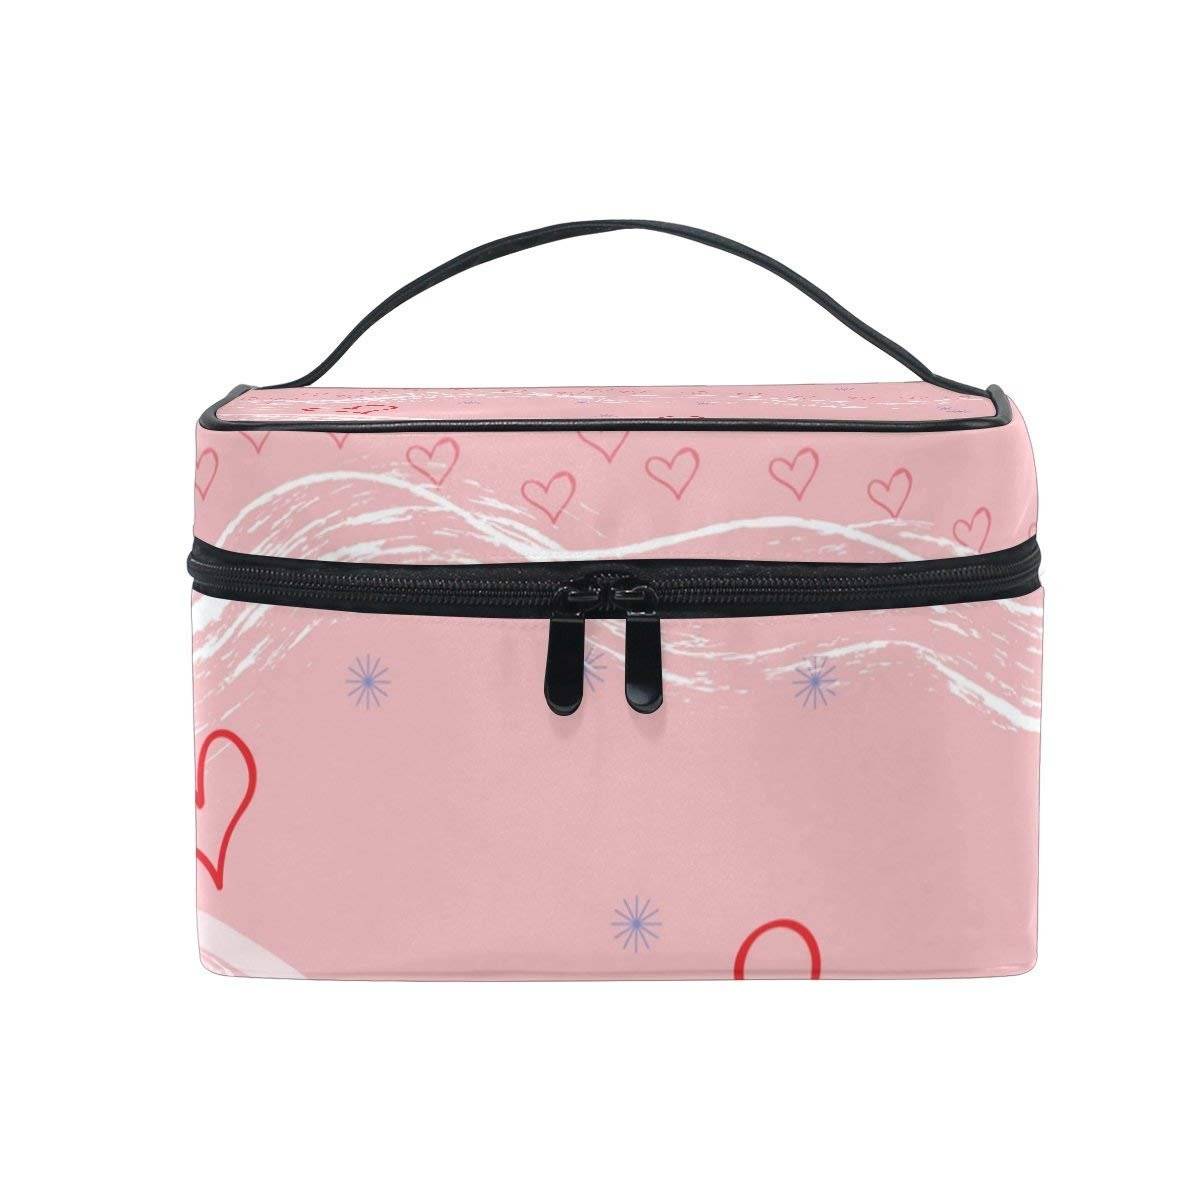 Makeup Bag Sweet Love Heart Mens Travel Toiletry Bag Mens Cosmetic Bags for Women Fun Large Makeup Organizer